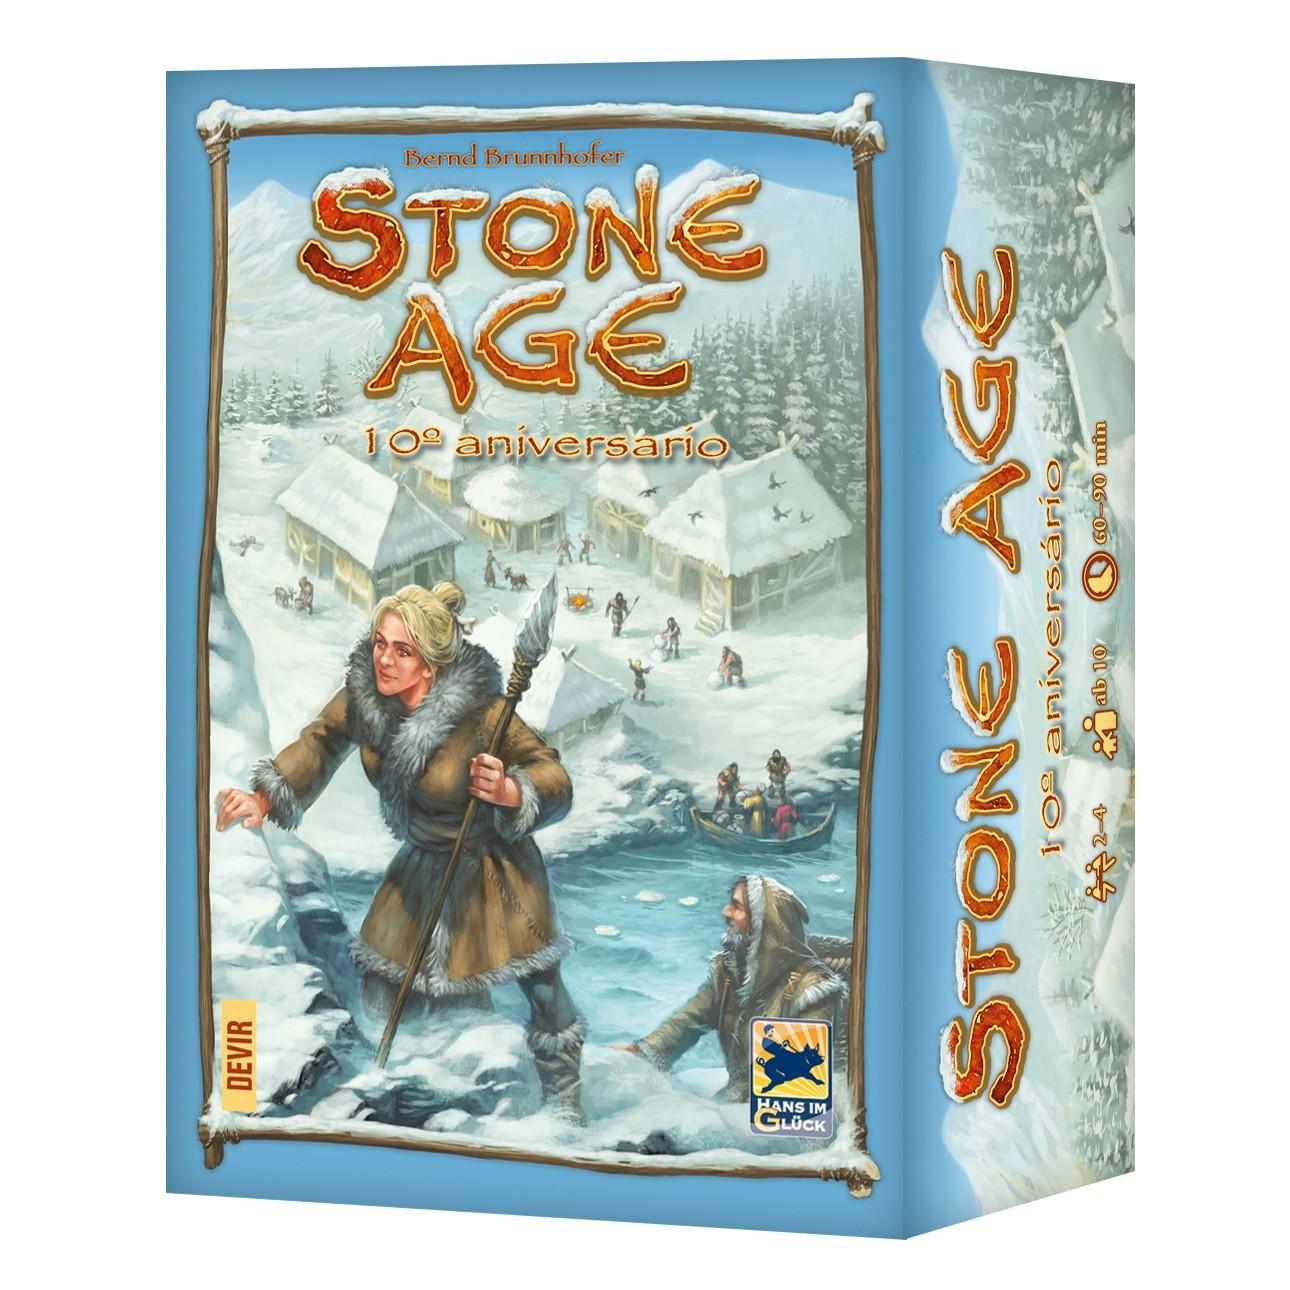 STONE AGE juego